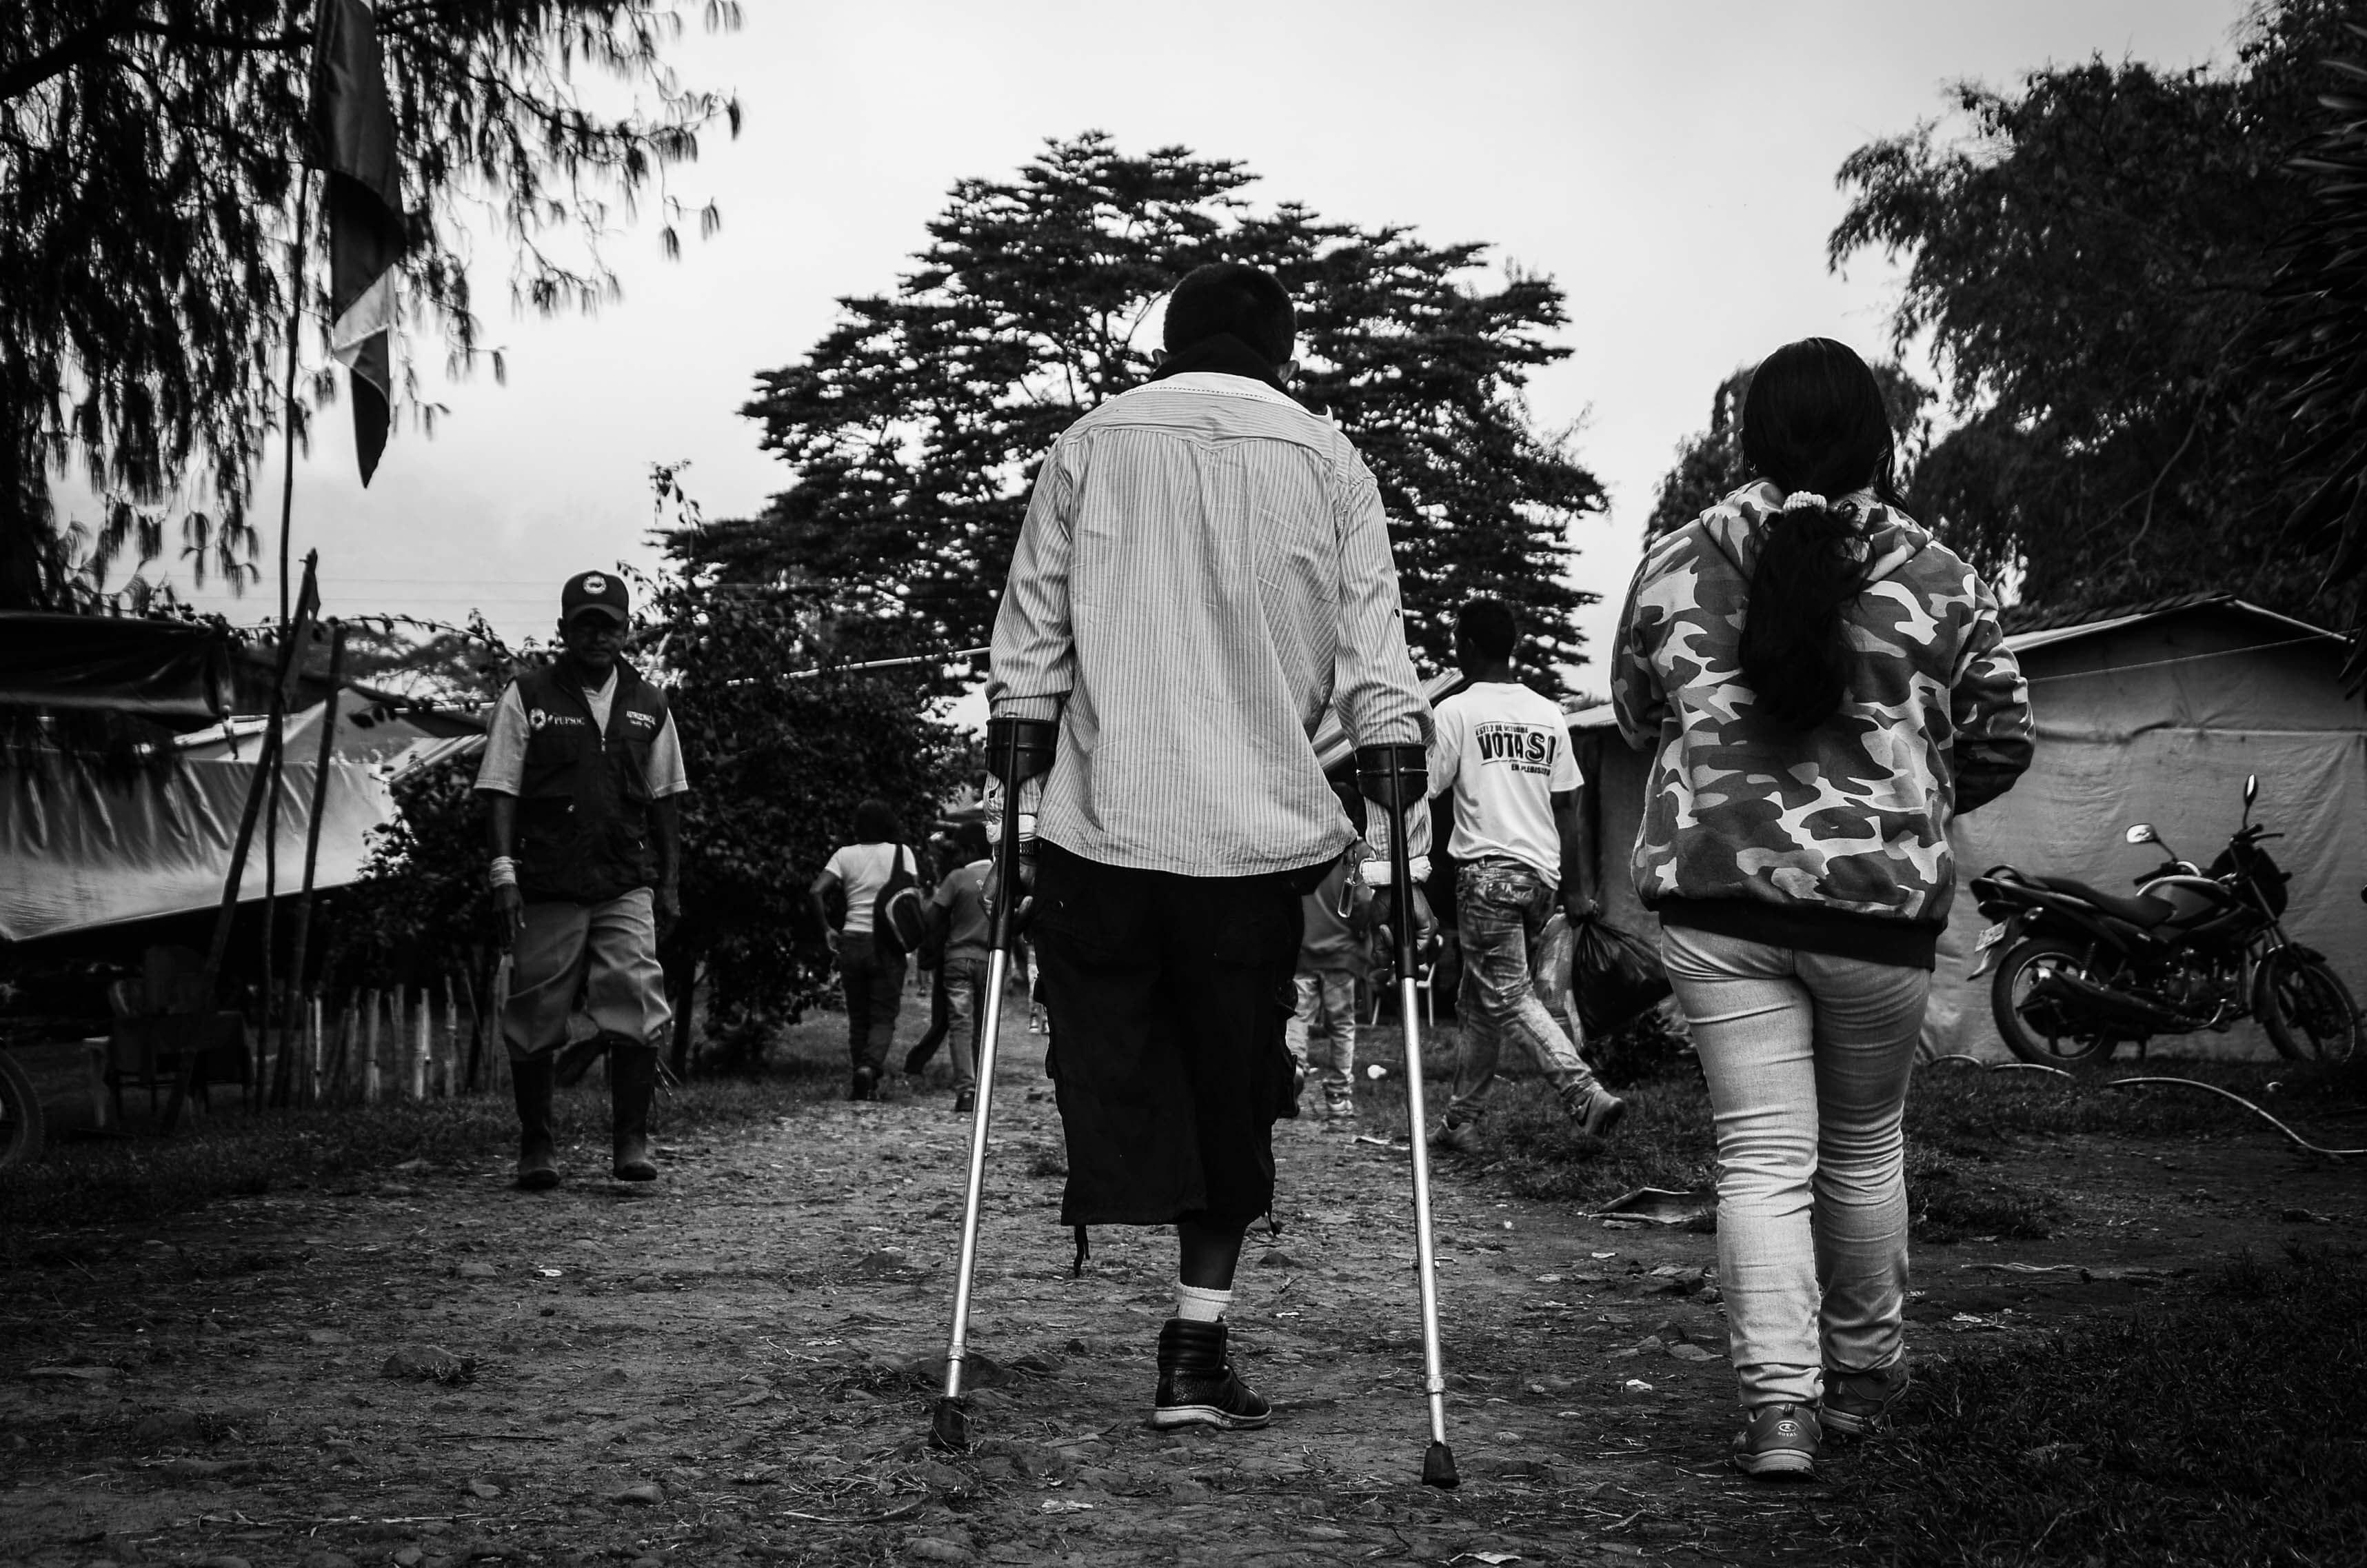 Opinión: ¿Le importan a este país los sobrevivientes de minas antipersonal?